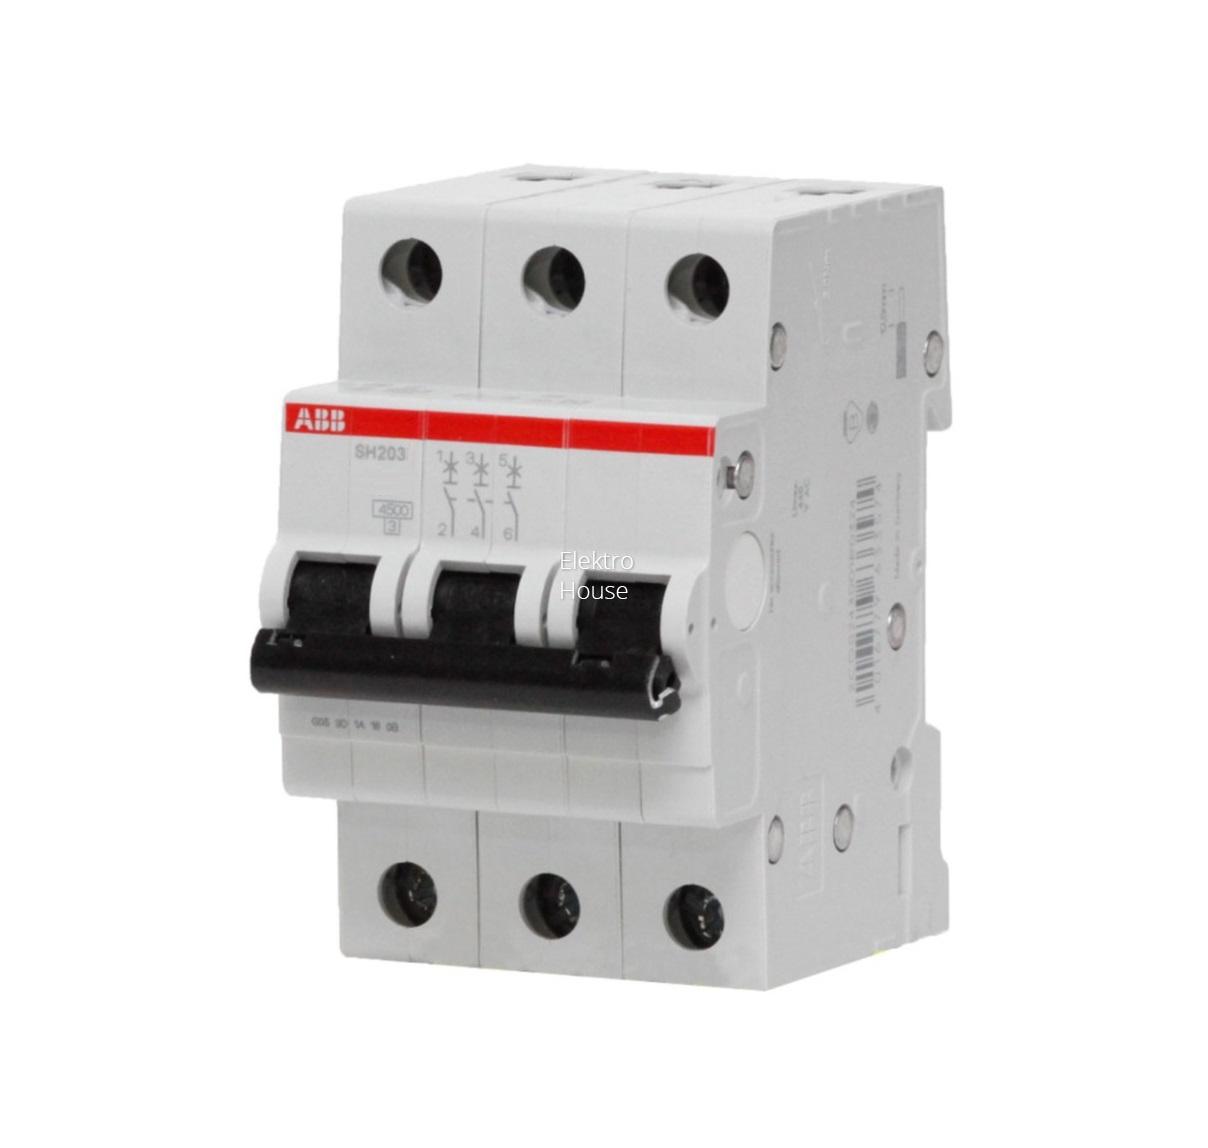 Выключатель Abb 2cds213001r0254 abb поворотный светорегулятор abb impuls для ламп накаливания 600 вт черный бриллиант